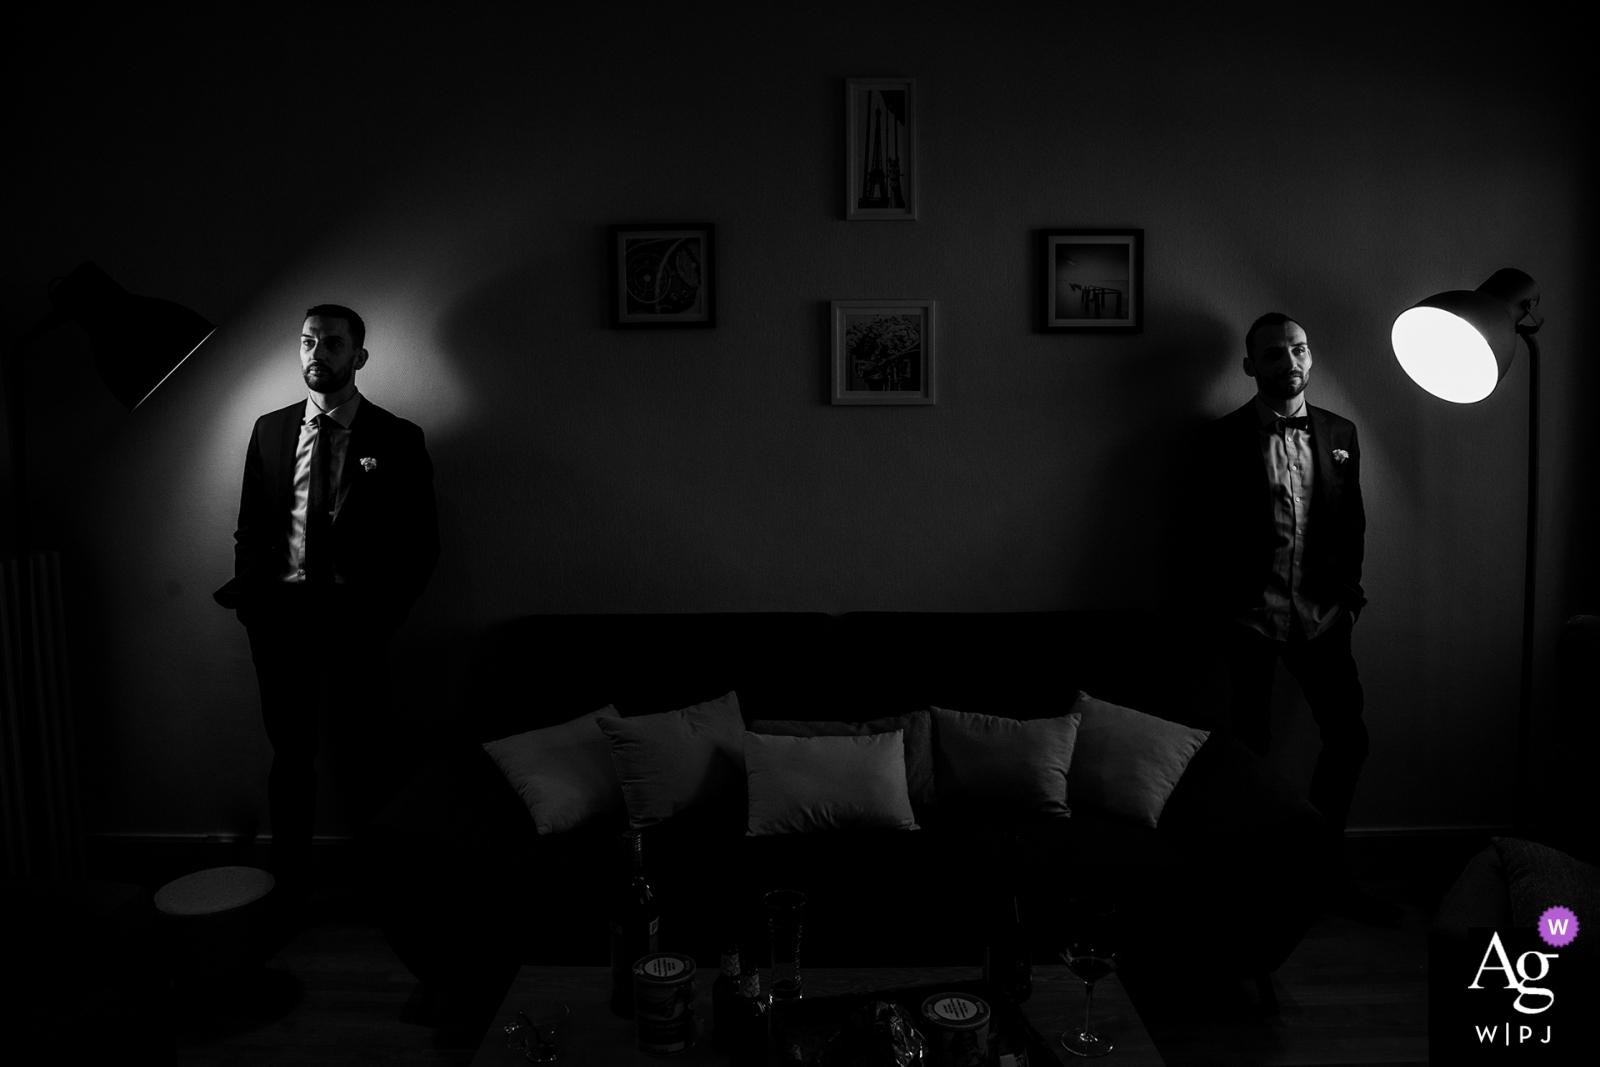 Dieses Schwarzweiss-Foto von zwei Männern, die auf beiden Seiten einer Couch stehen, wurde von einem Vogesen-Hochzeitsfotografen geschaffen